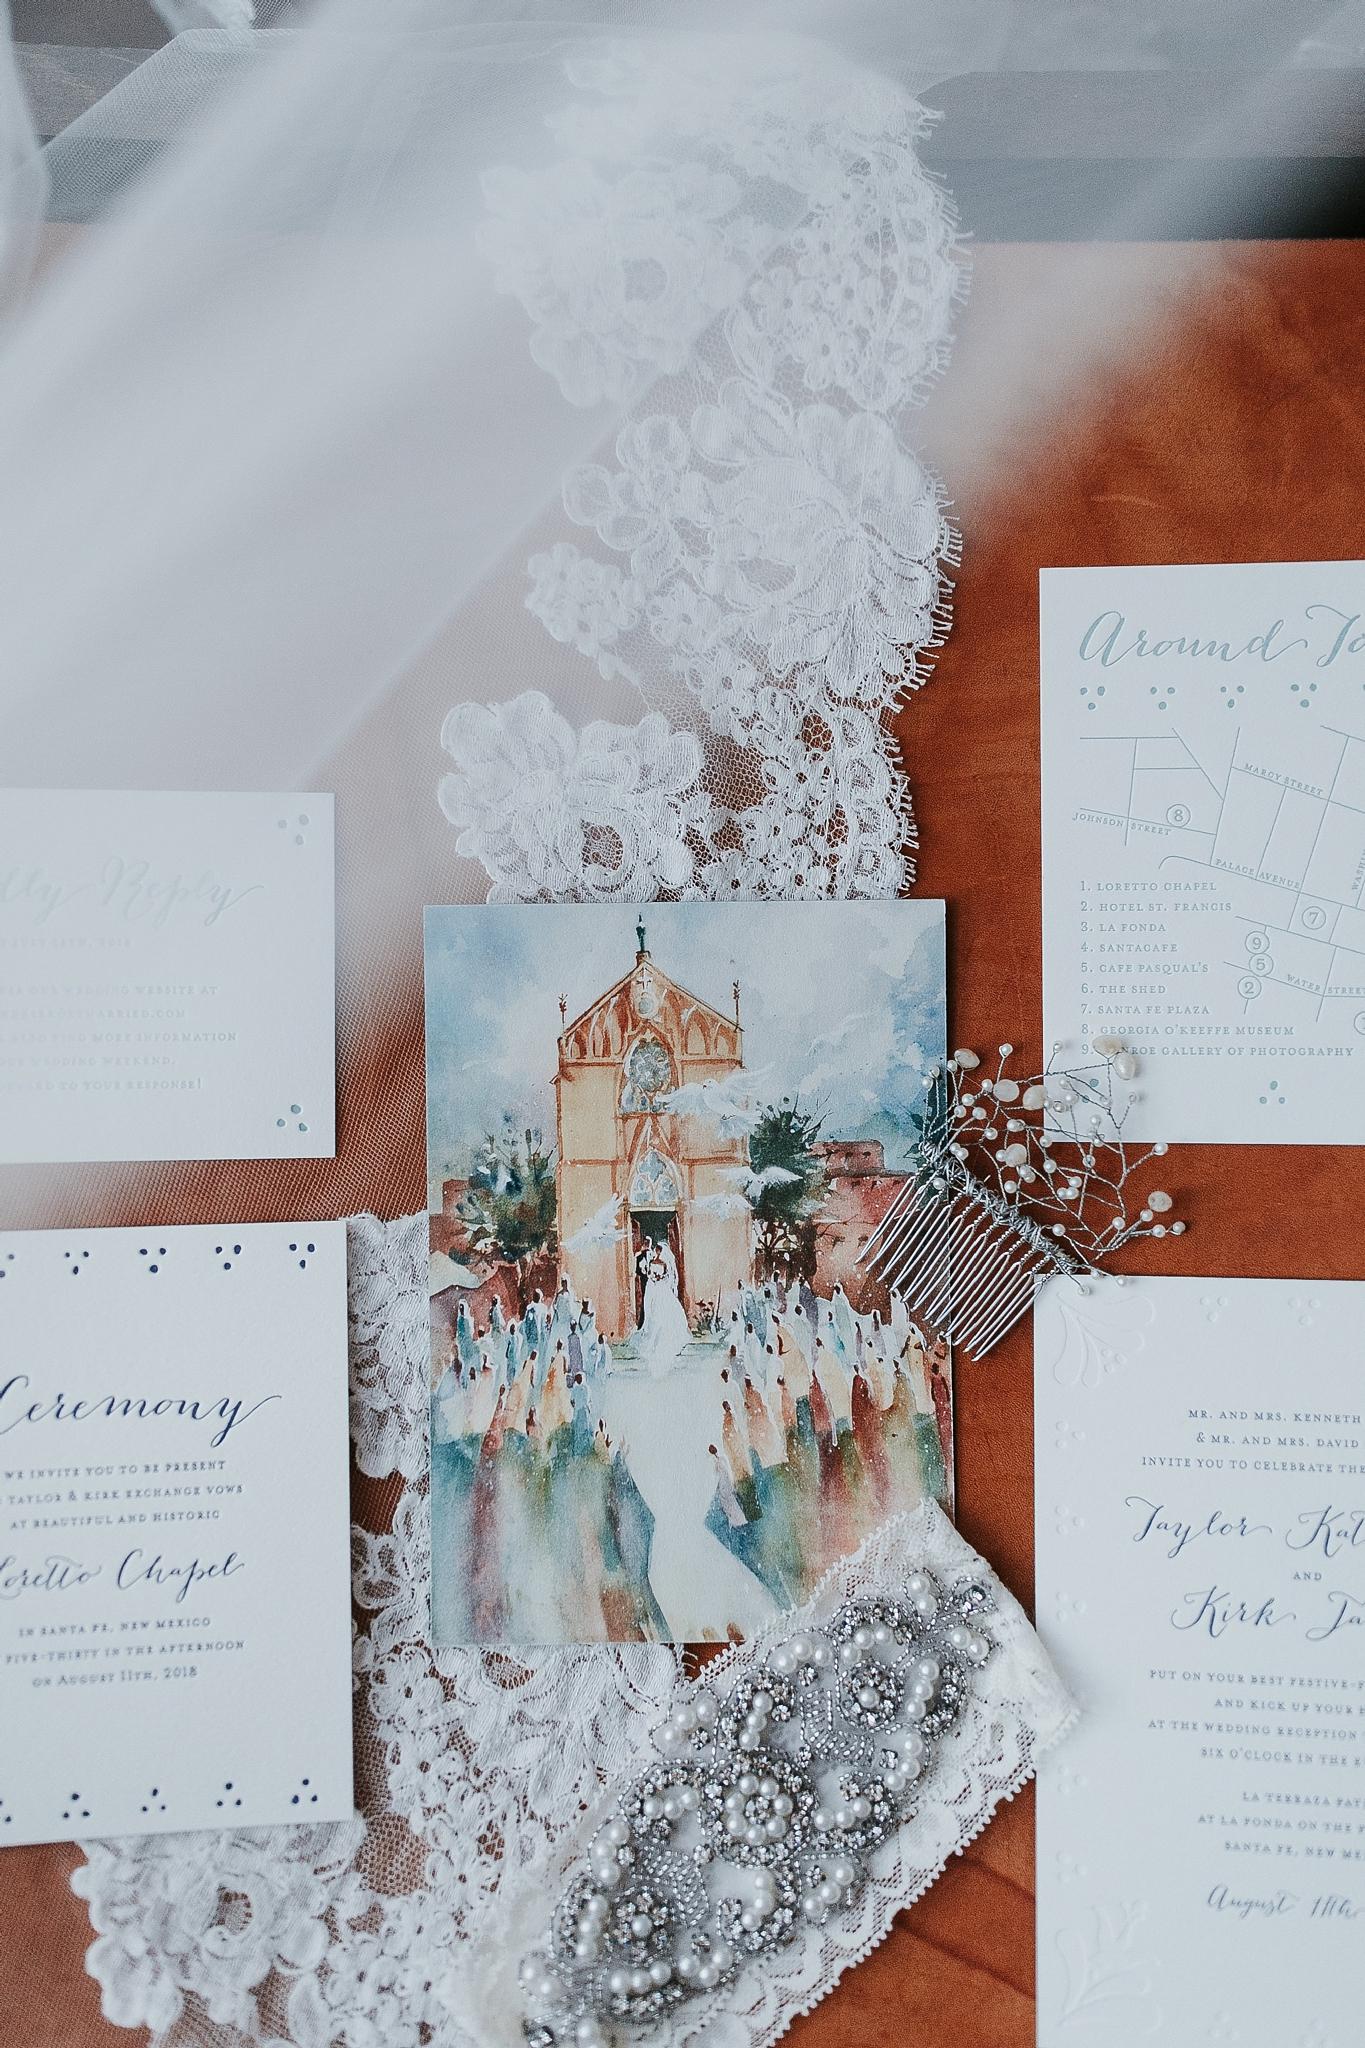 Alicia+lucia+photography+-+albuquerque+wedding+photographer+-+santa+fe+wedding+photography+-+new+mexico+wedding+photographer+-+new+mexico+wedding+-+wedding+invitations+-+invitation+suite+-+wedding+inspo_0002.jpg